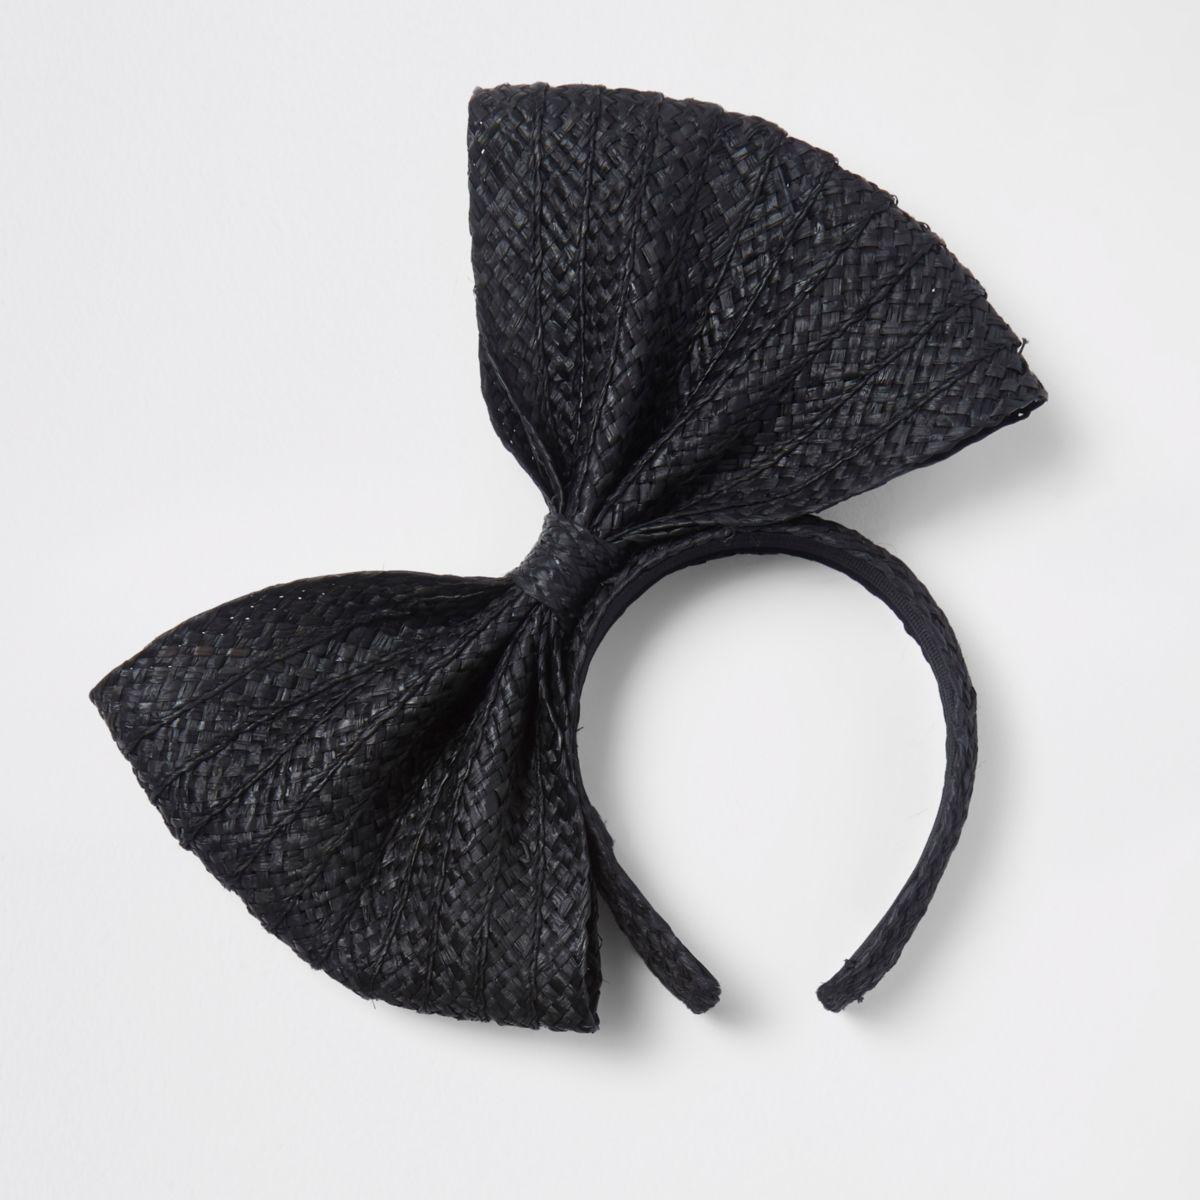 Black straw bow headband